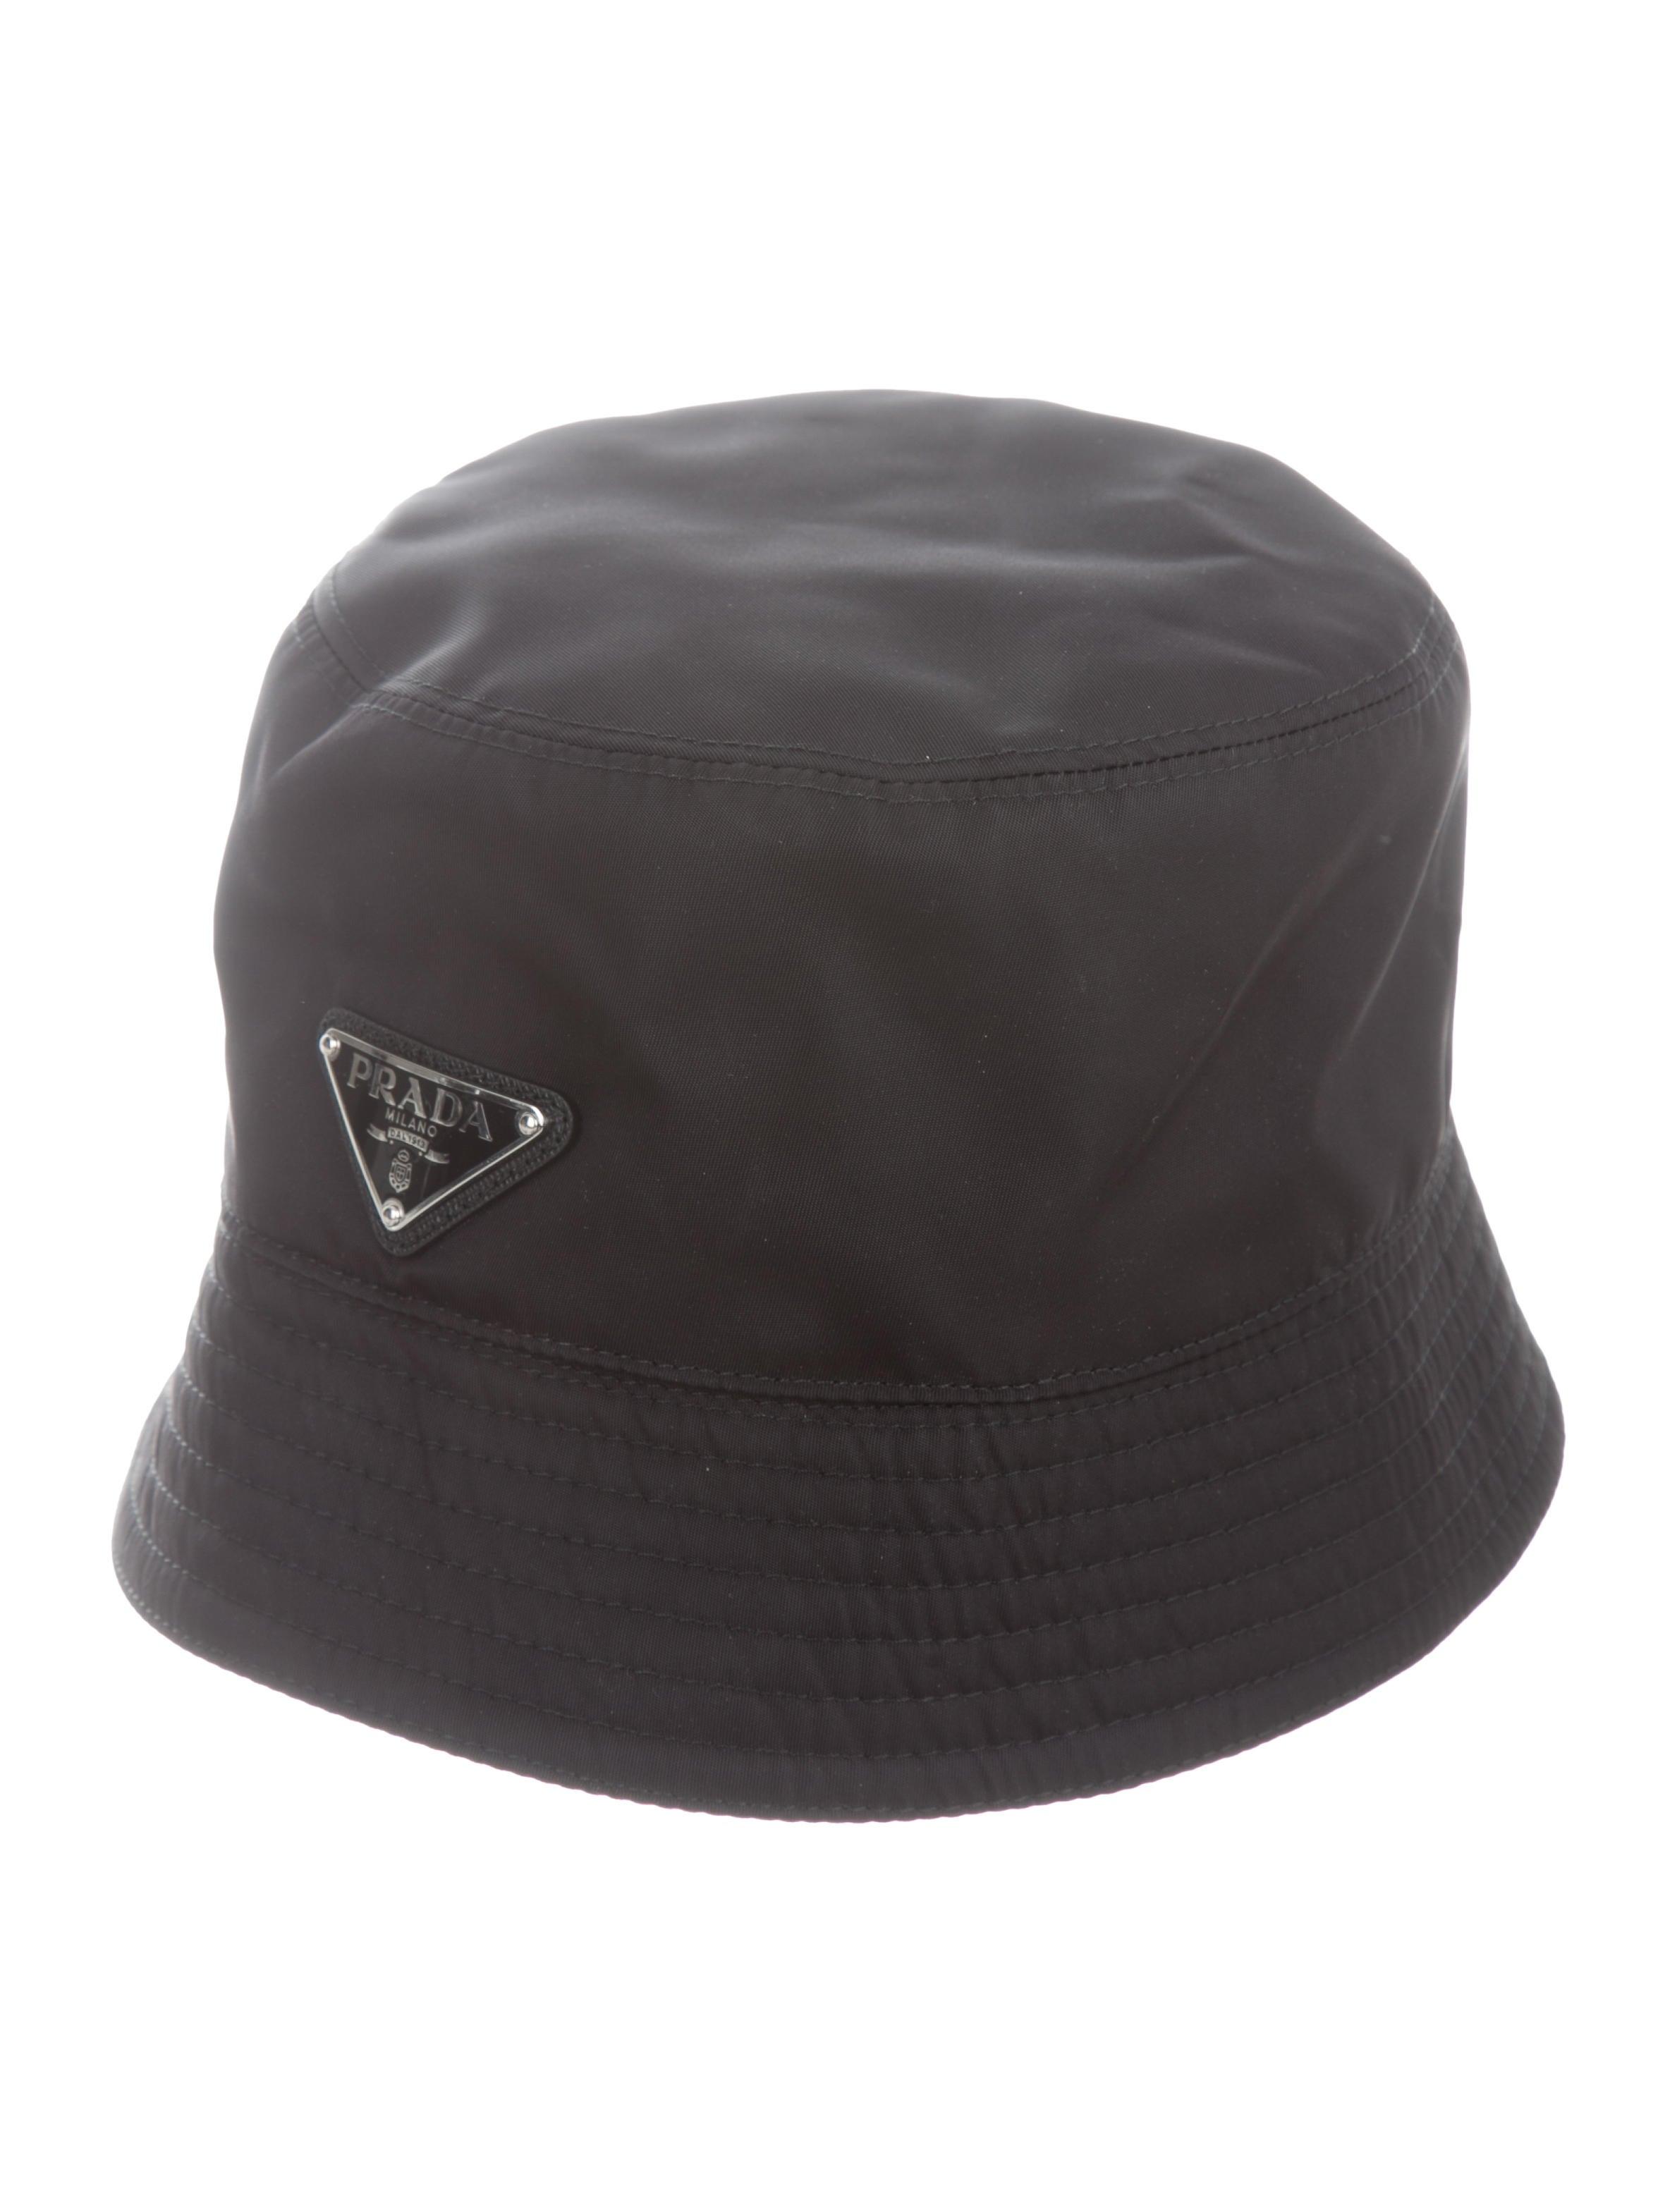 a81cc8c01d6 Prada 2019 Tessuto Bucket Hat - Accessories - PRA274921